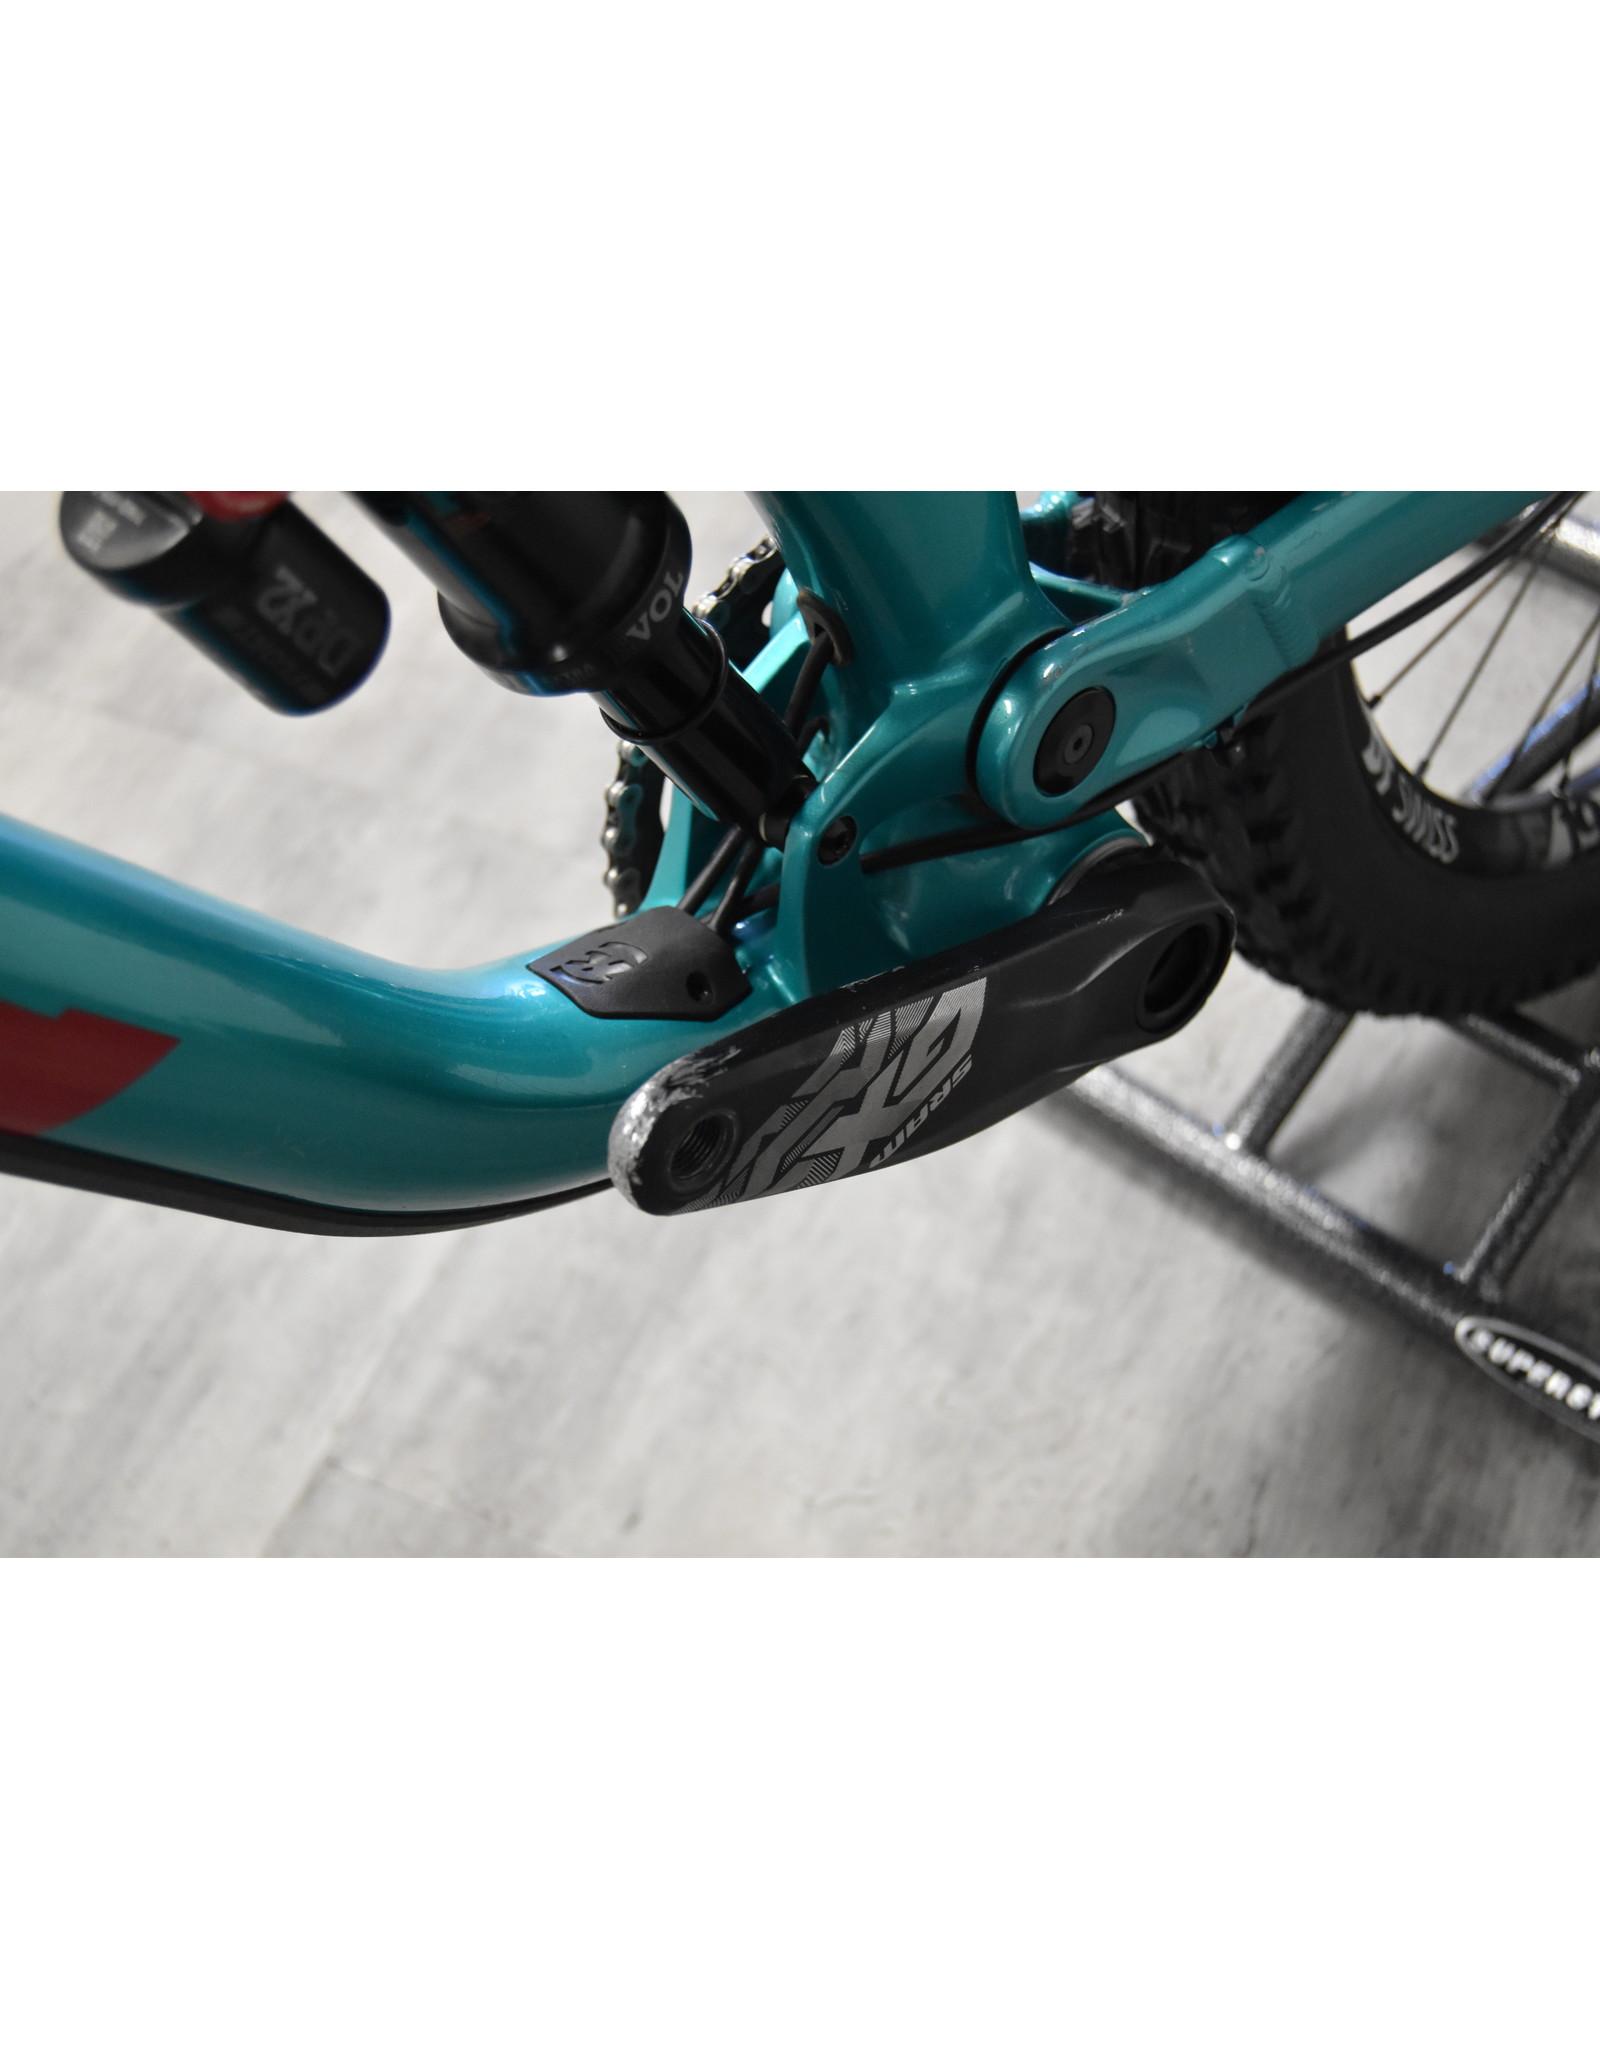 Kona Bikes Demo - 2020 Kona Process 153 CR - 27.5